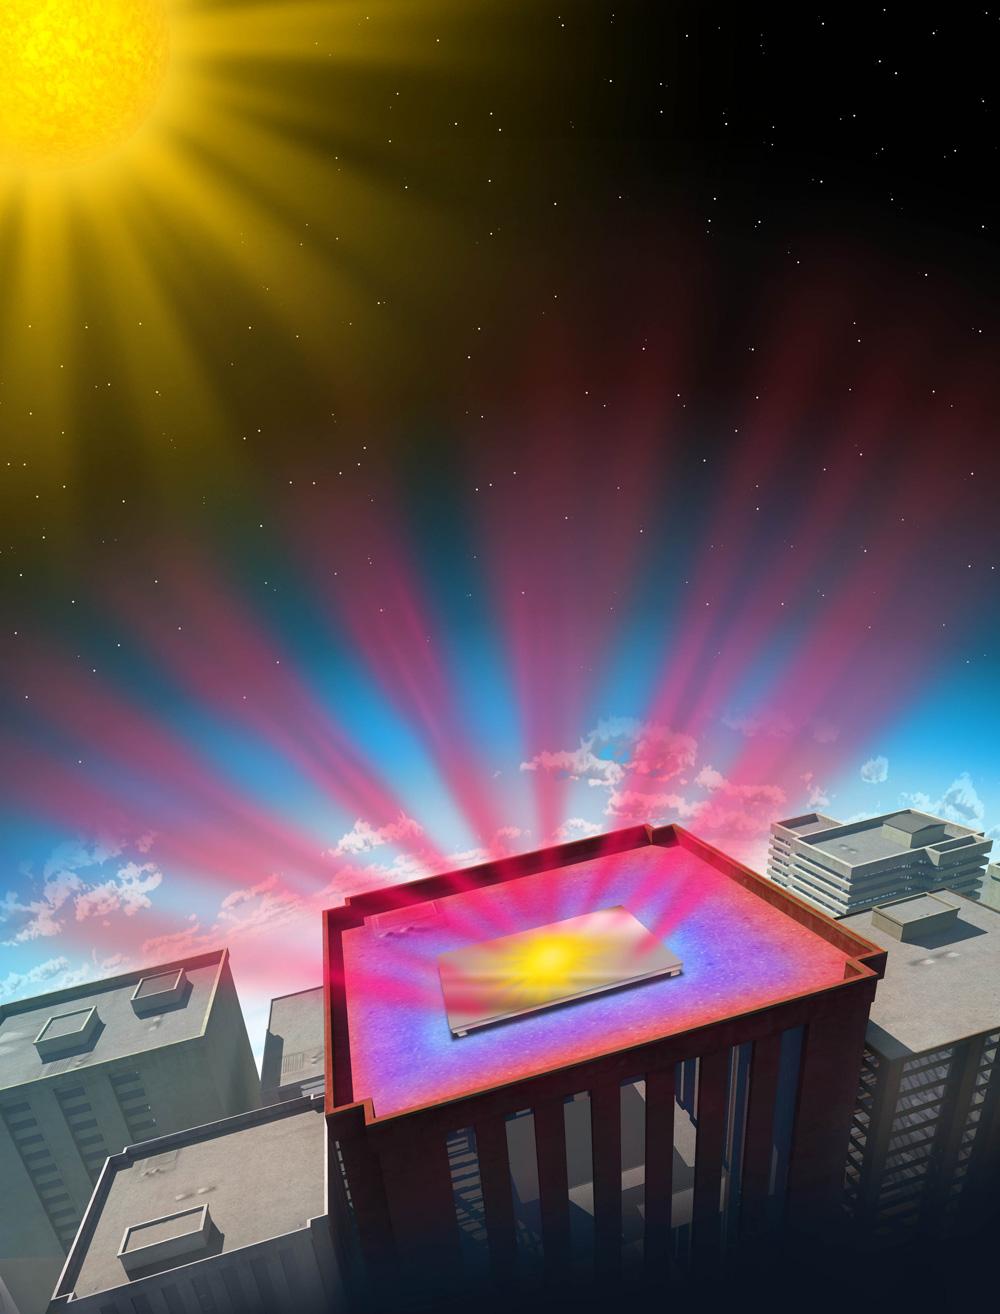 Иллюстрация принципа действия фотонного радиатора